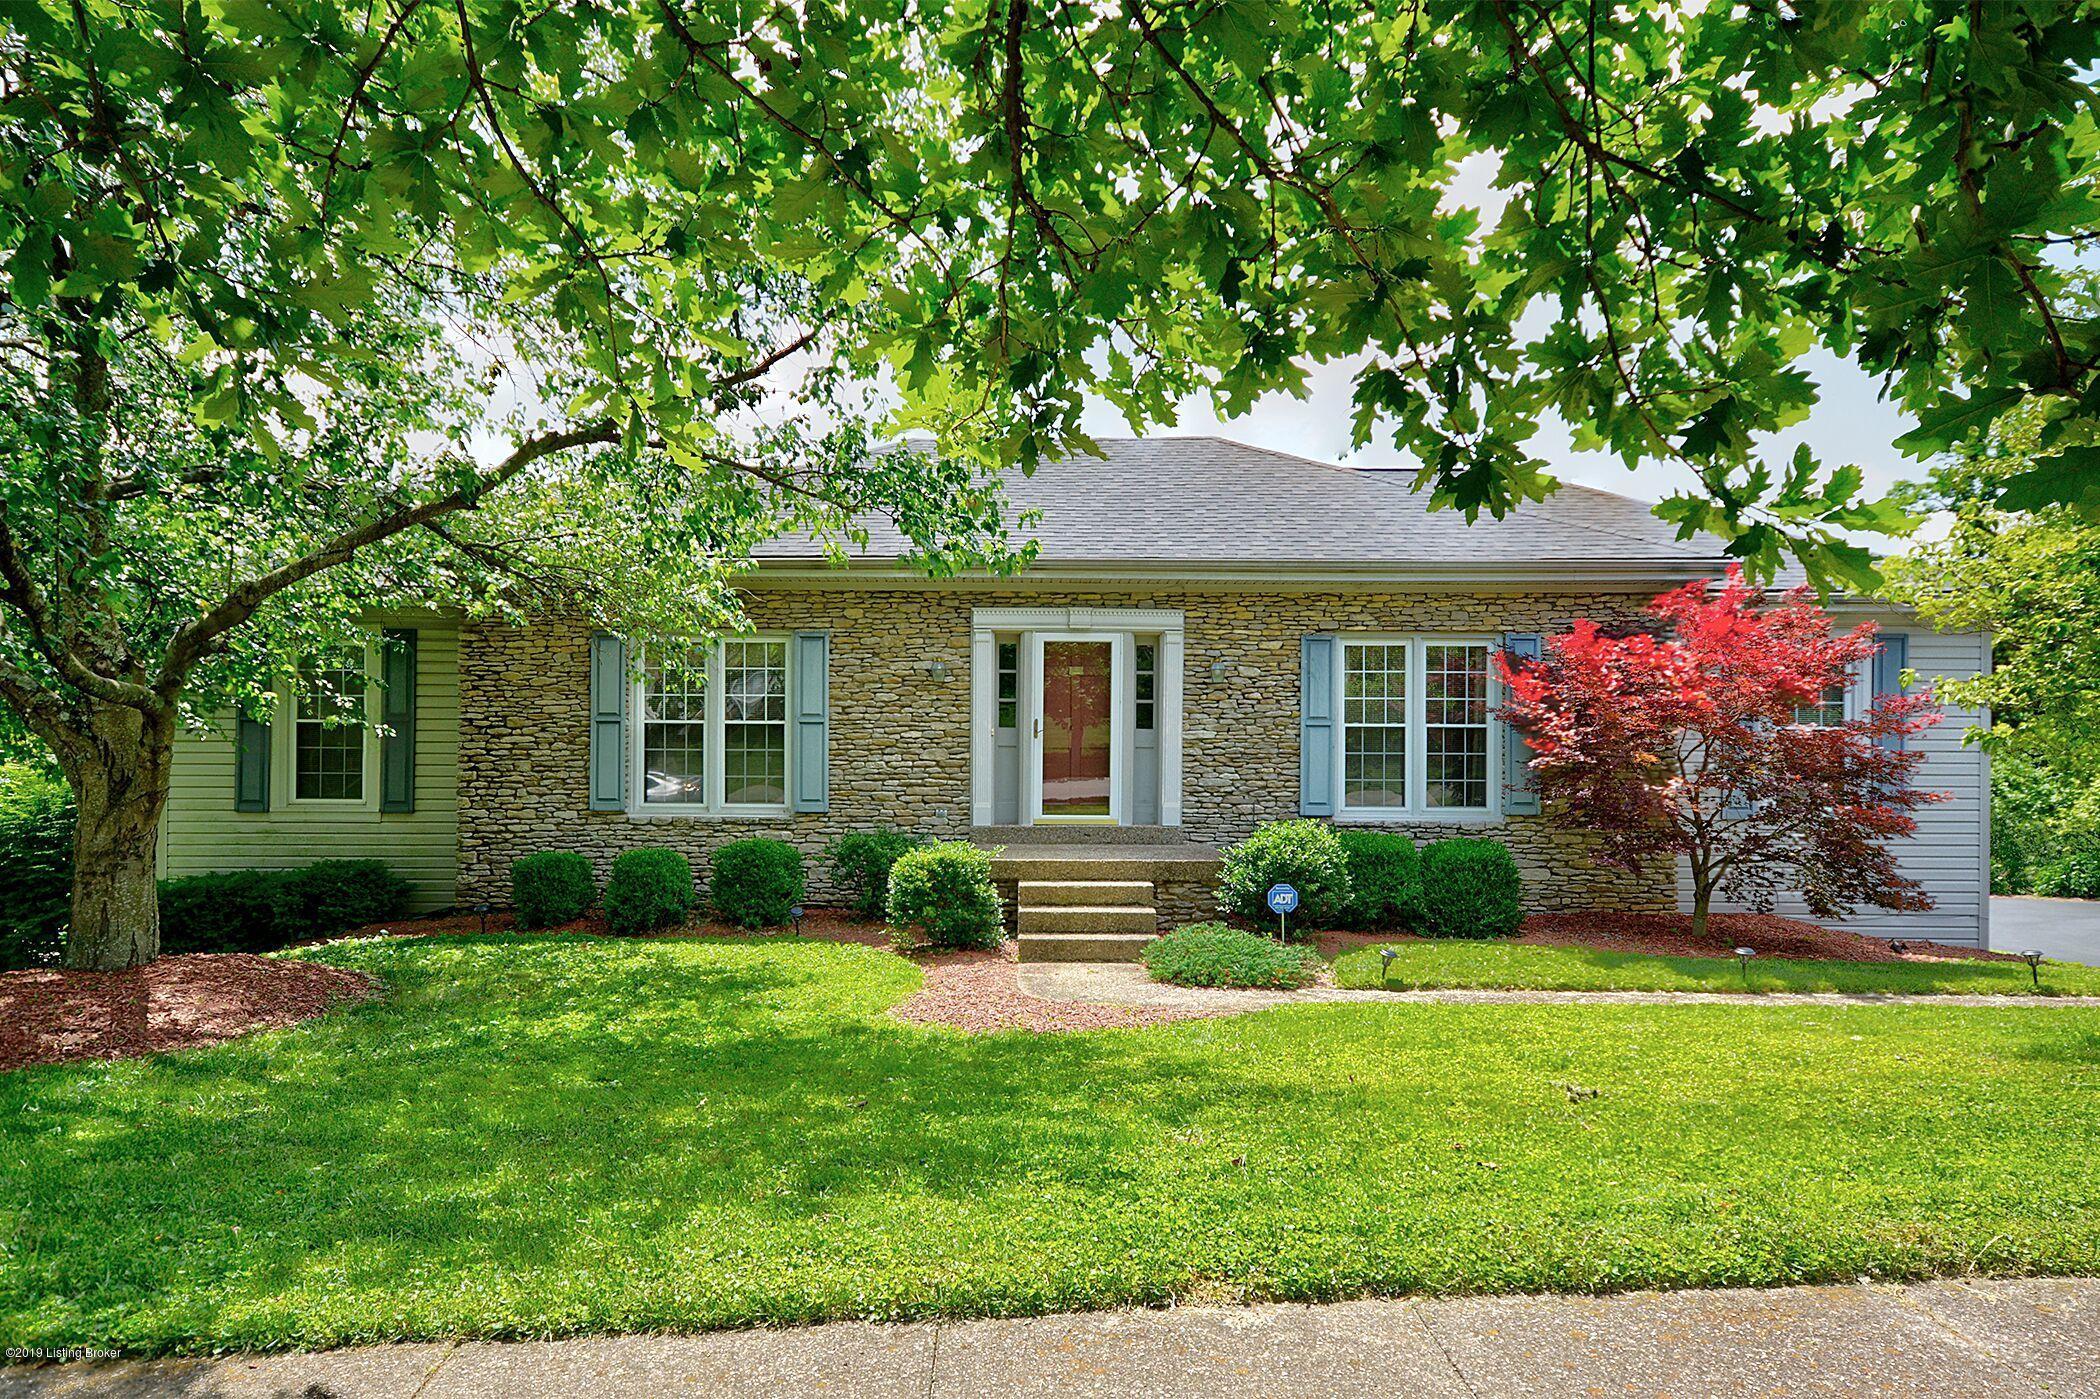 106 Willow Stone Way, Louisville, Kentucky 40223